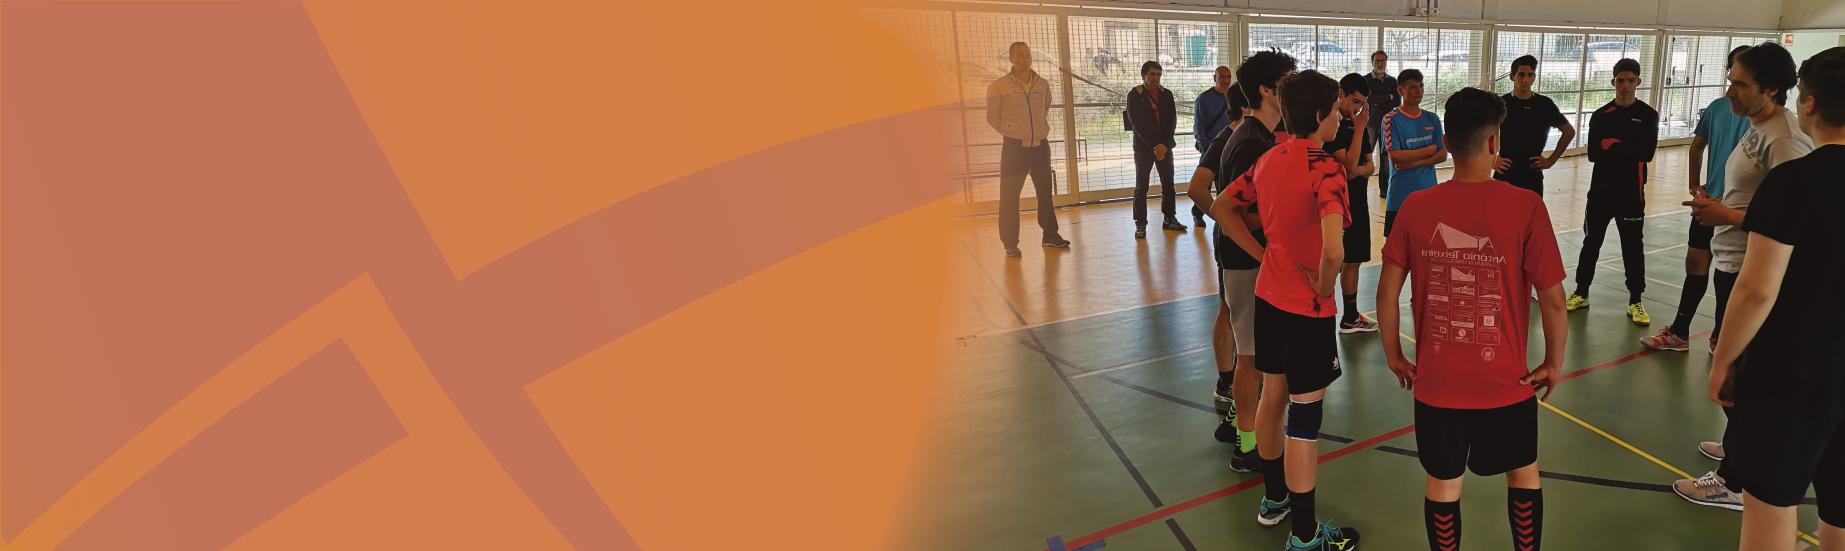 6ª Ação de Formação do Centro Regional de Formação e Treino da Associação de Andebol de Viseu